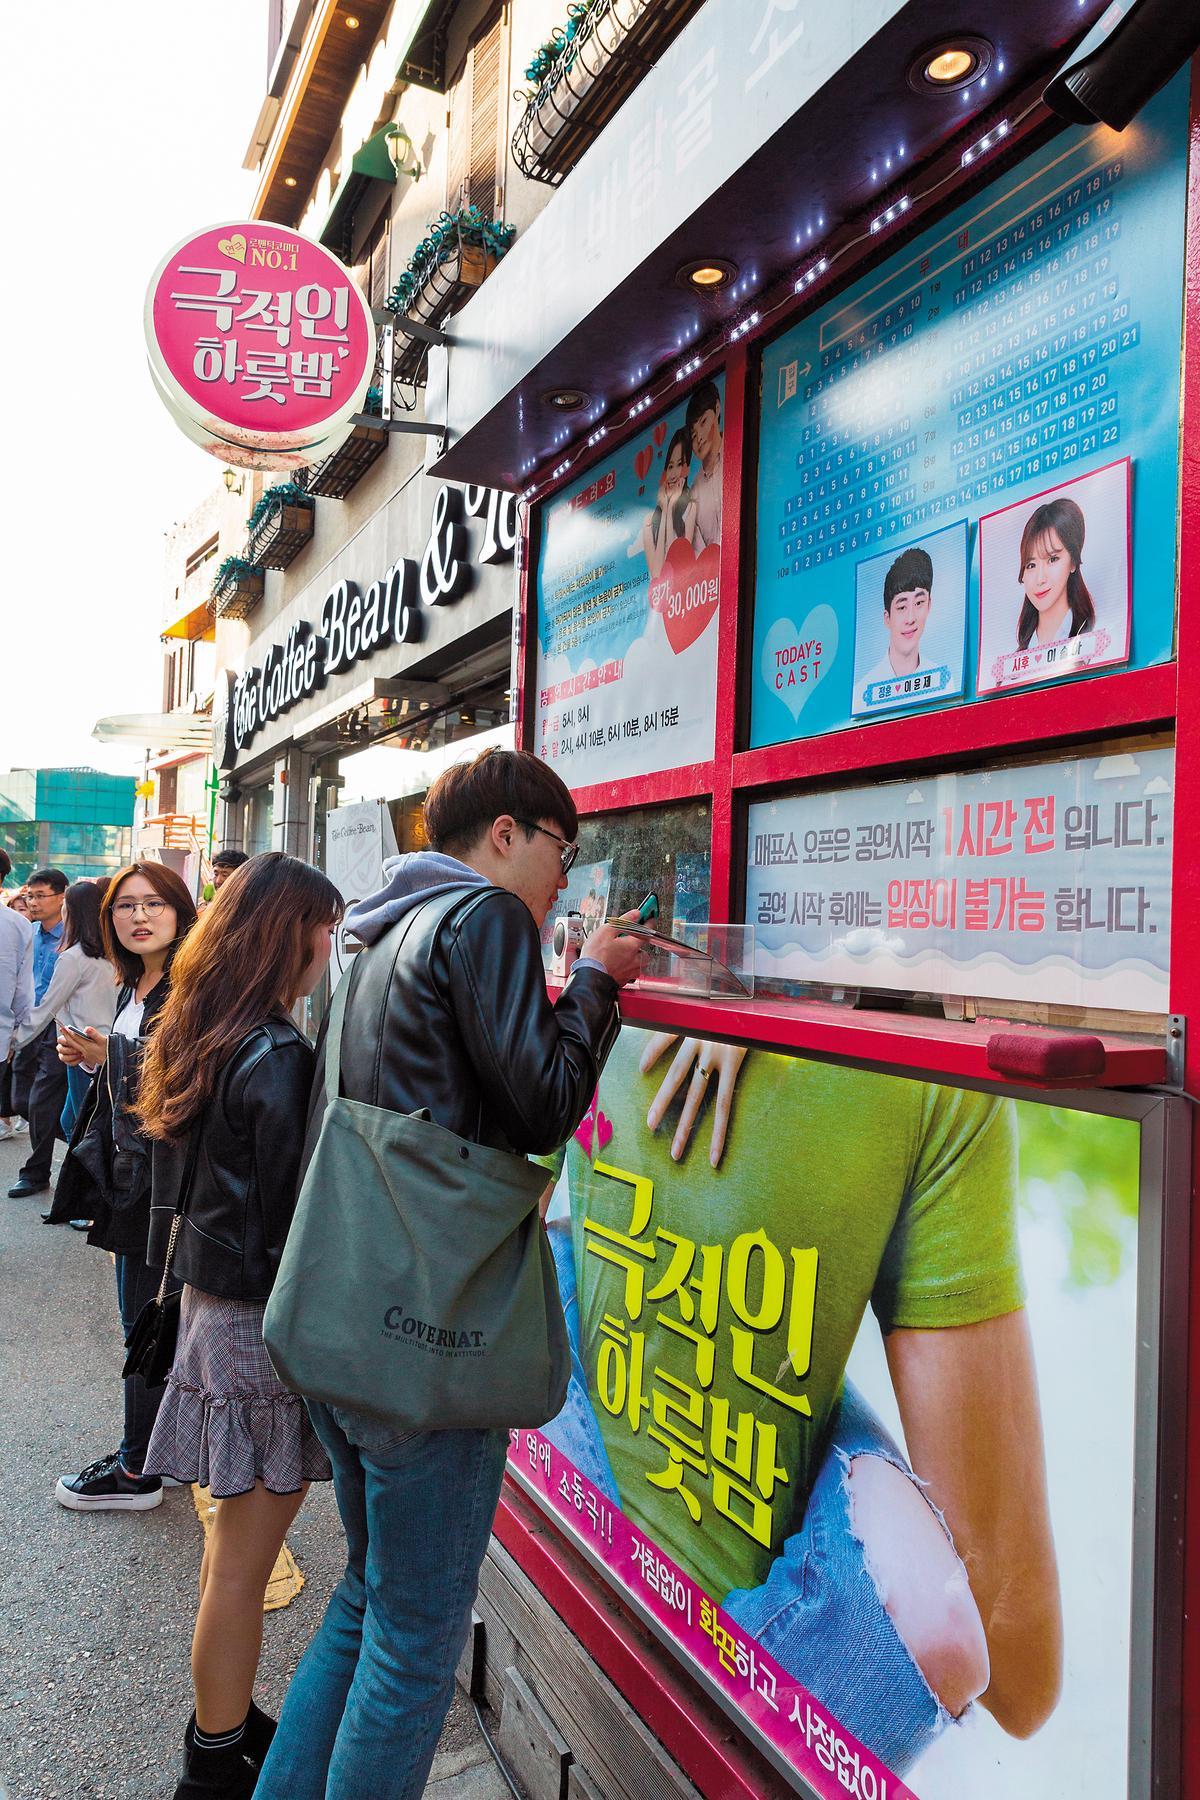 假日大學路各個售票口總是相當熱鬧,年輕人會在這裡購買公演票券。